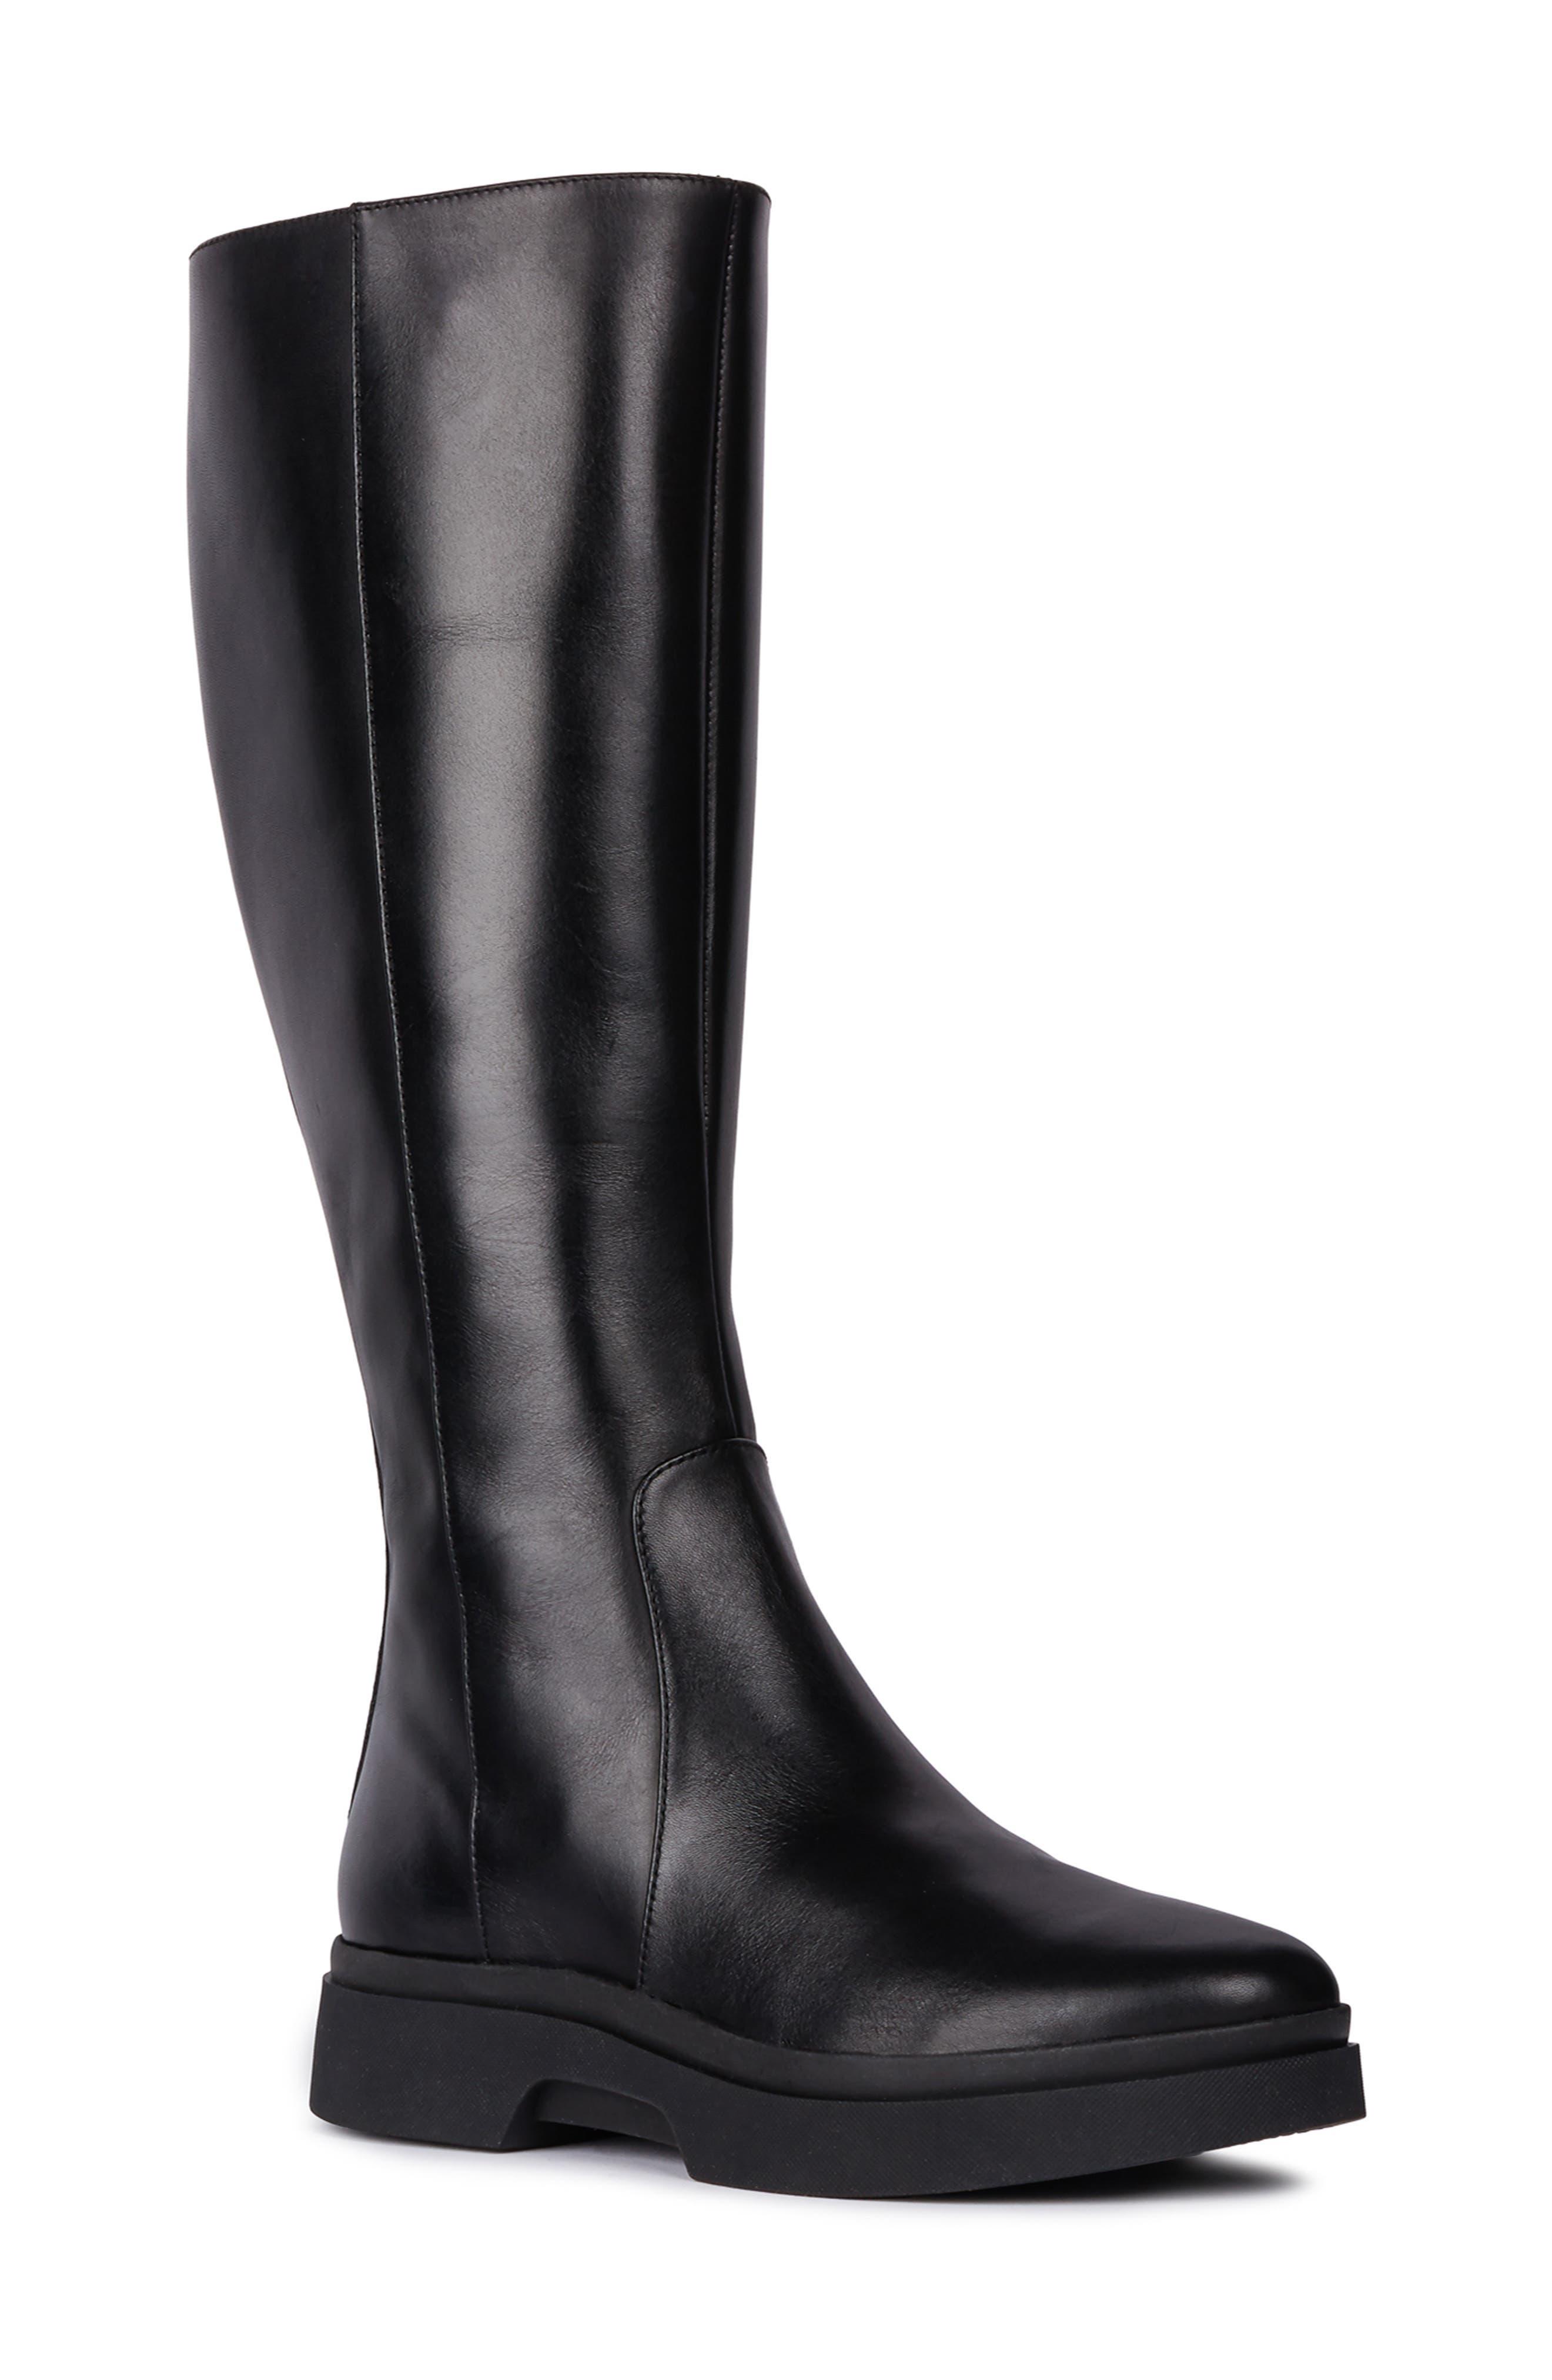 Geox Myluse Knee High Platform Waterproof Boot, Black